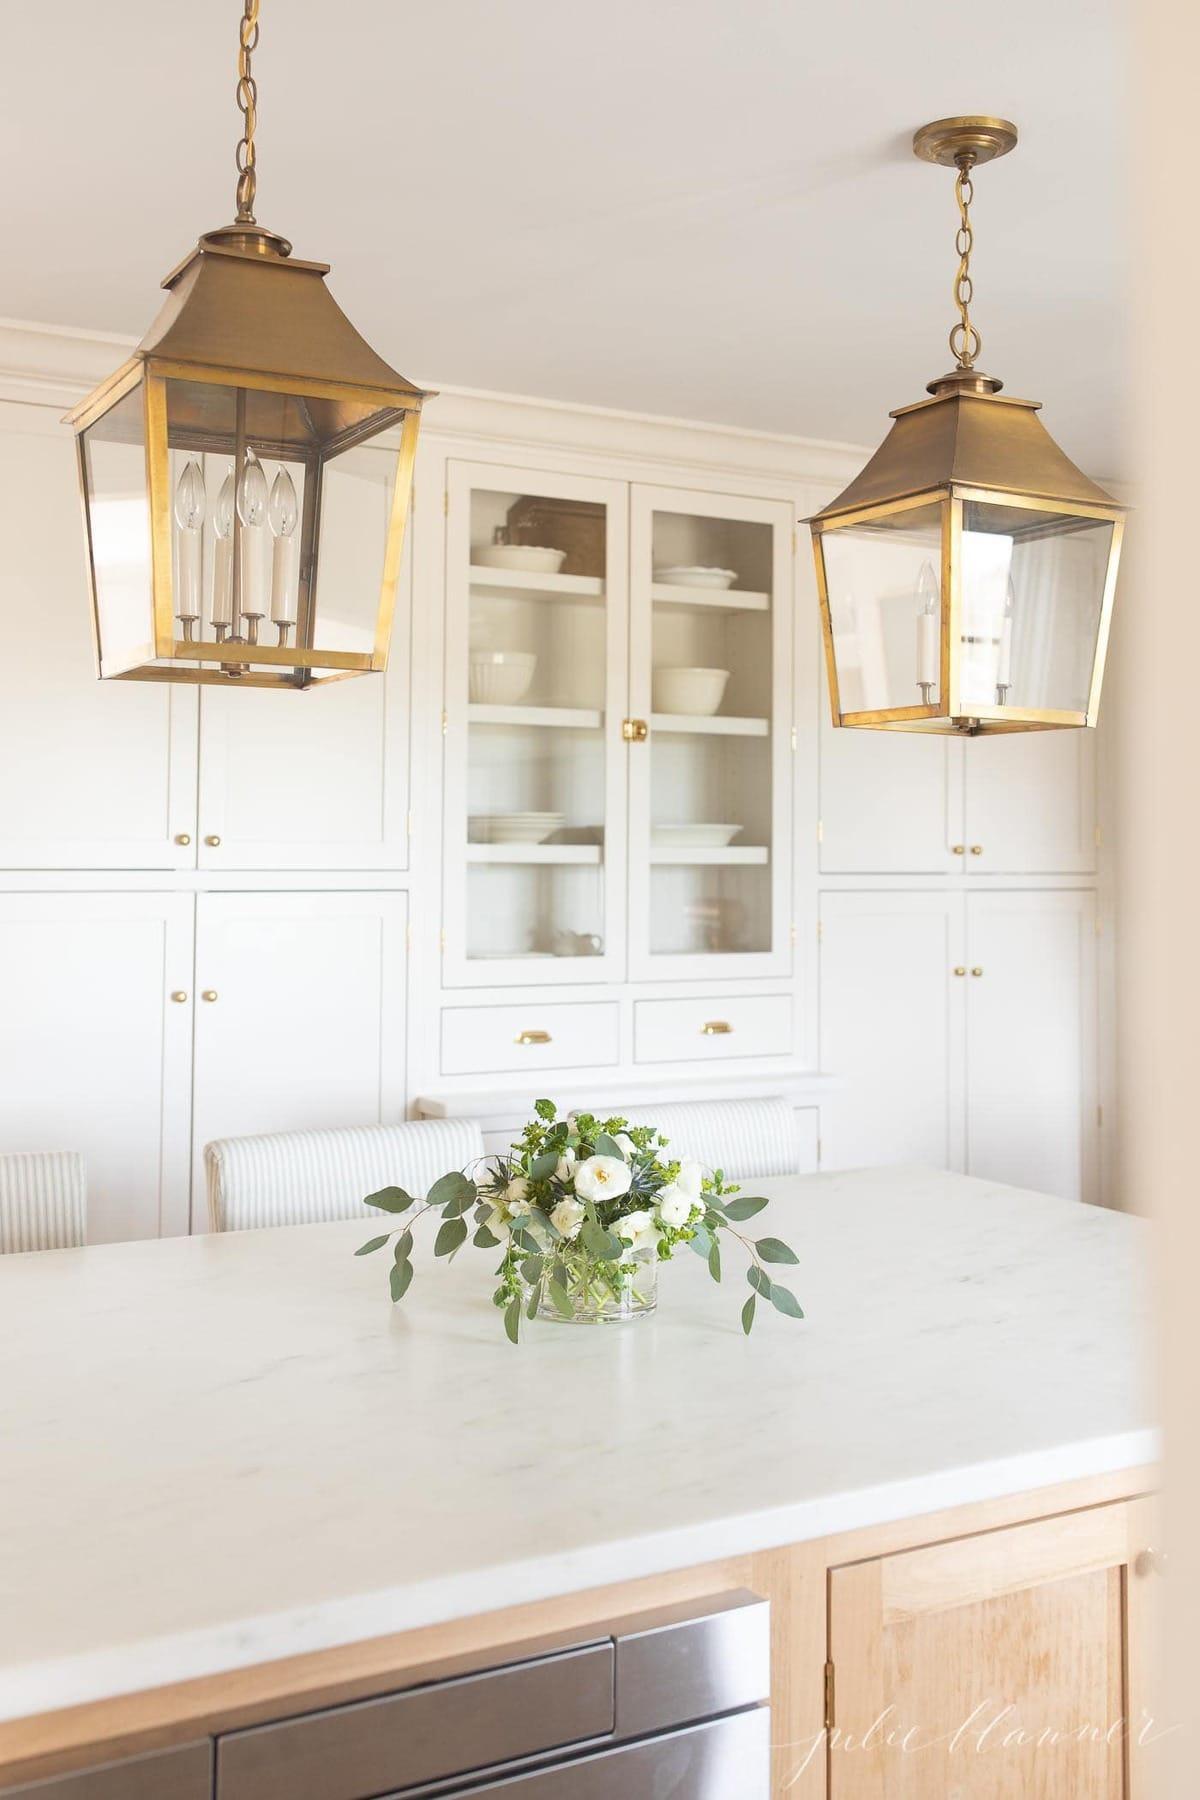 White kitchen with hanging lanterns, white ranunculus flower centerpiece on island.